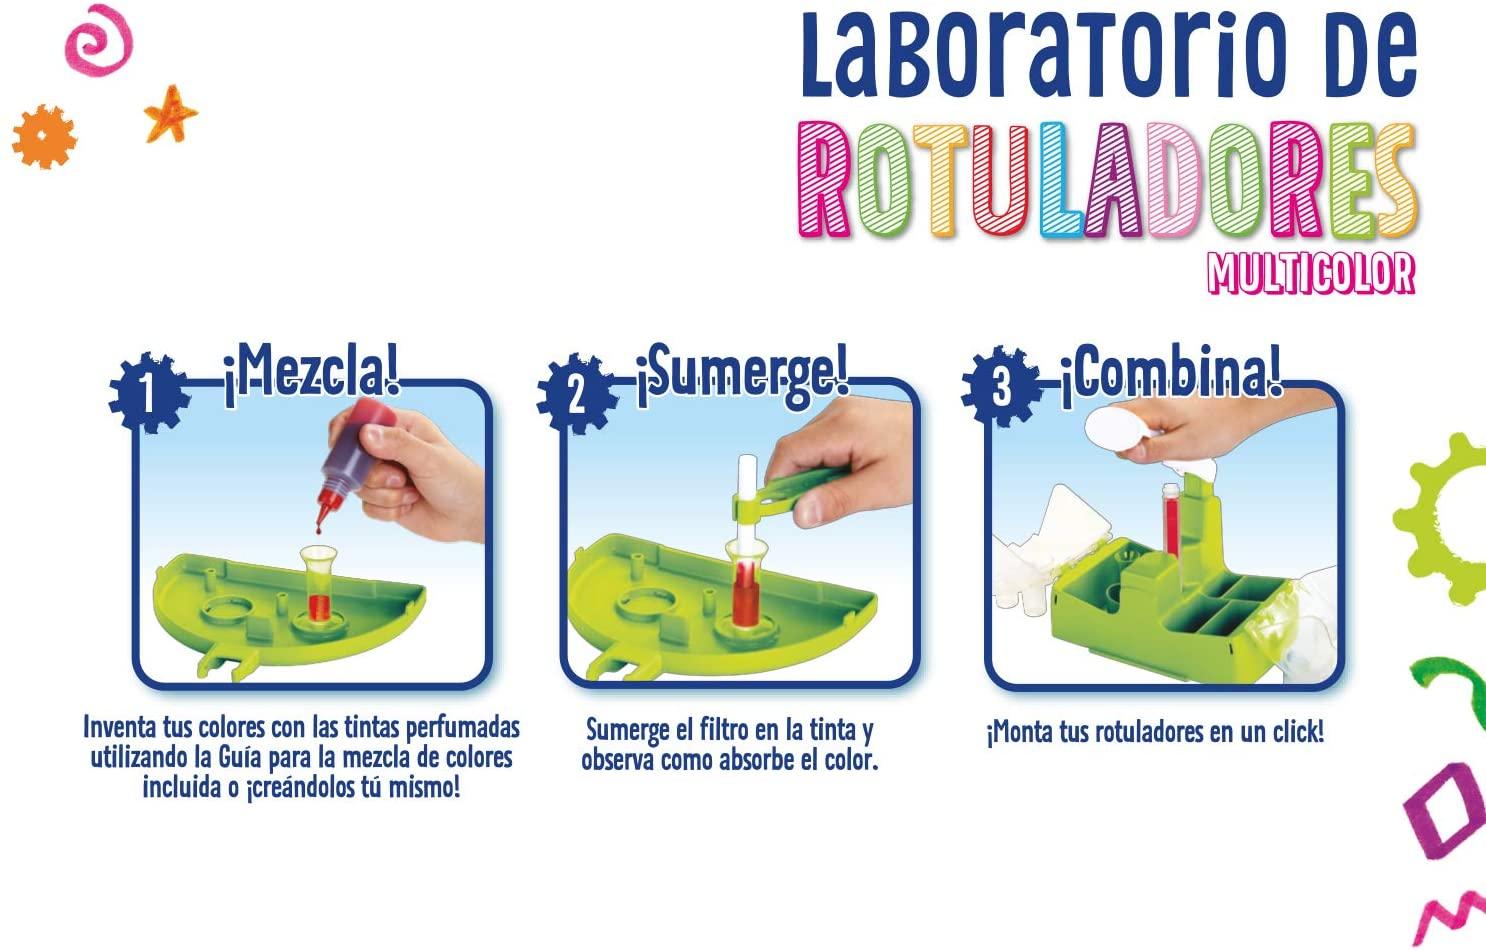 LABORATORIO DE ROTULADORES MULTICOLOR 25-5961